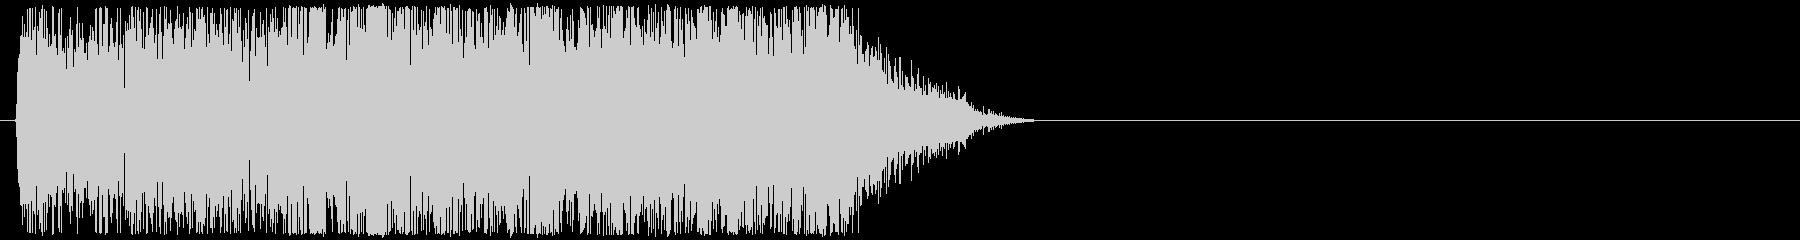 バリバリーッ(雷、放電、電撃)の未再生の波形